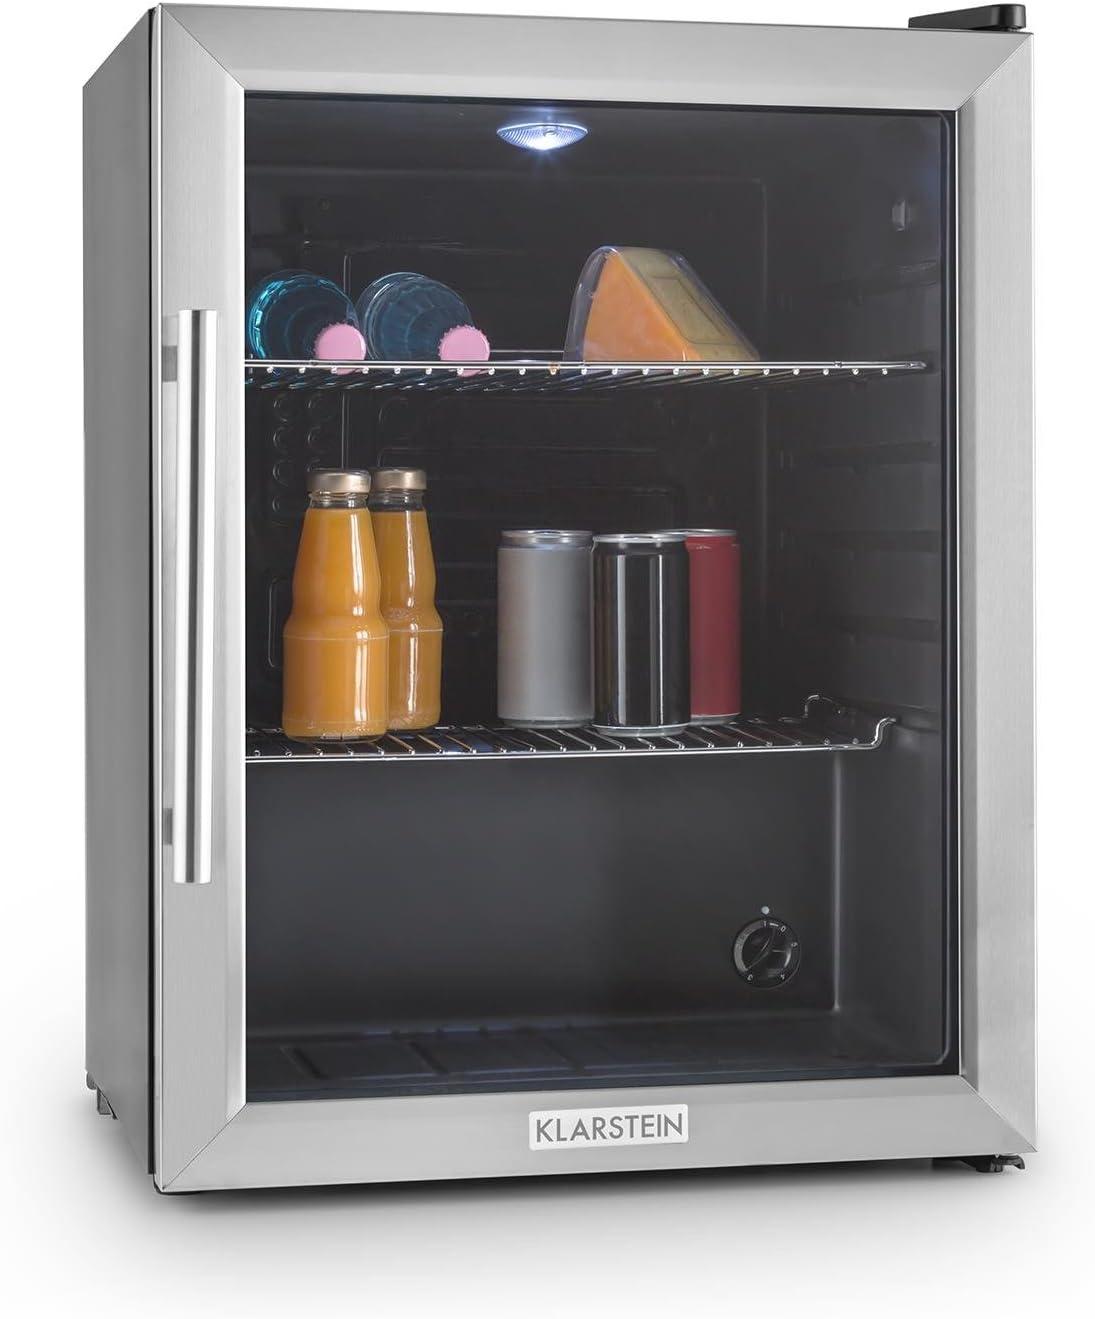 Klarstein Beersafe XL Black Edition - Refrigerador de cerveza, vino y otras bebidas, 60 litros, Clase A++, 2 bandejas de metal extraíbles, Iluminación LED, Puerta de metal con vidrio, Negro/plateado